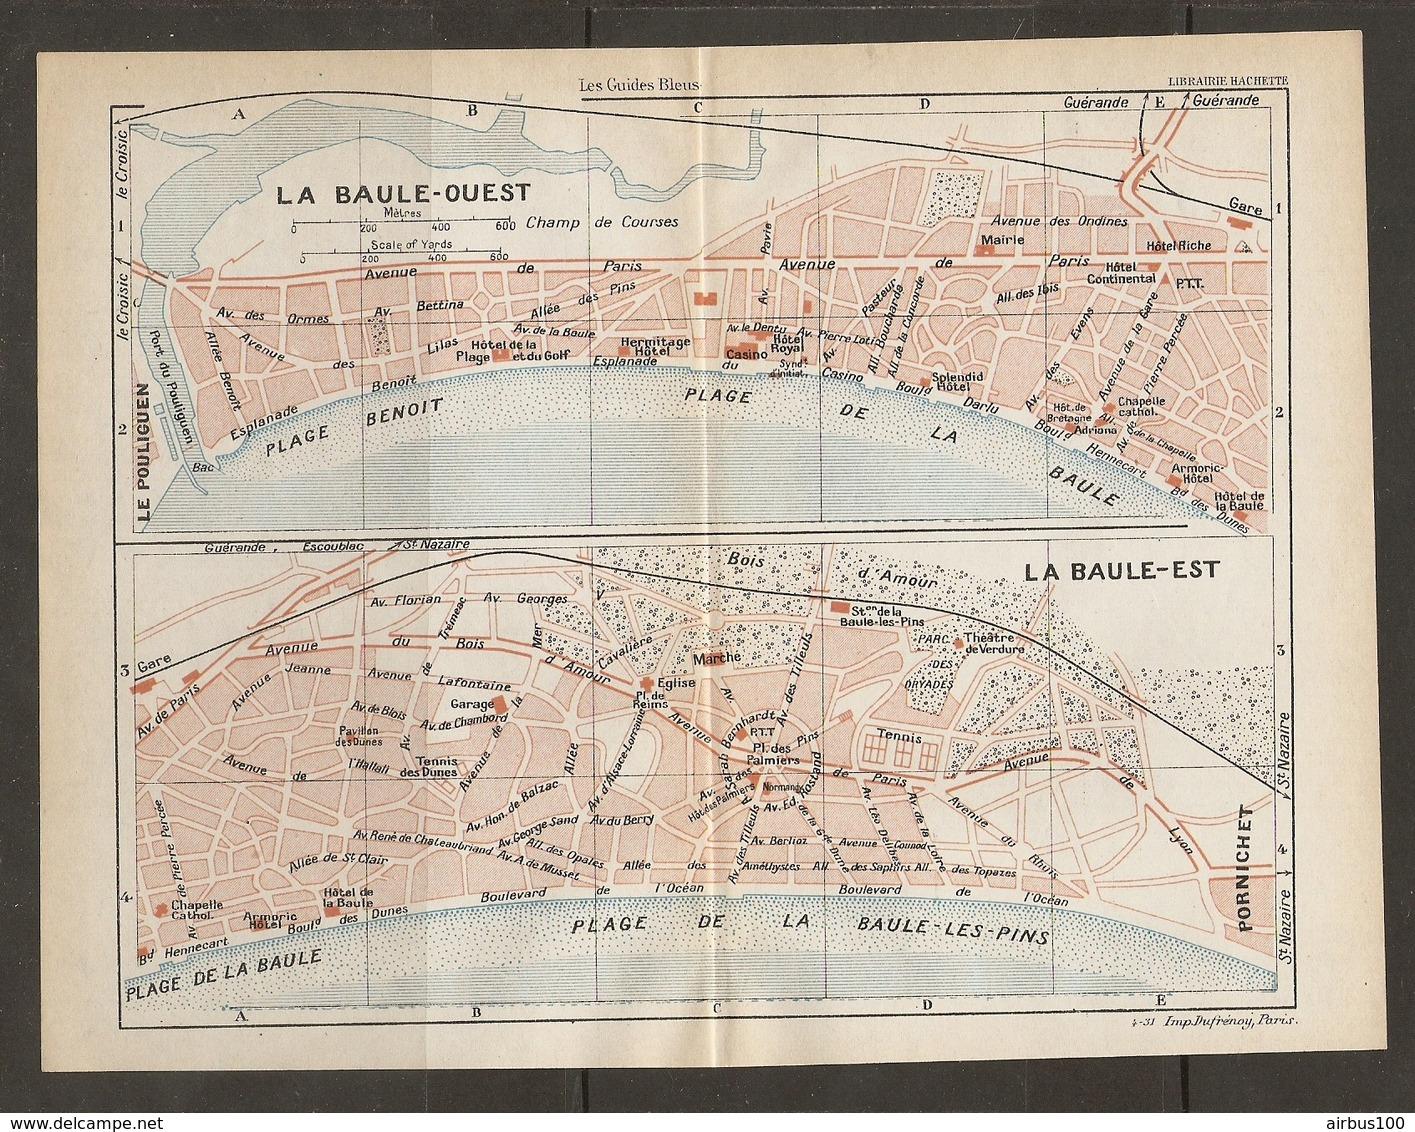 CARTE PLAN 1931 LA BAULE OUEST Et EST - CASINO ARMORIC HOTEL HOTELS RICHE CONTINENTAL PLAGES - Topographische Kaarten